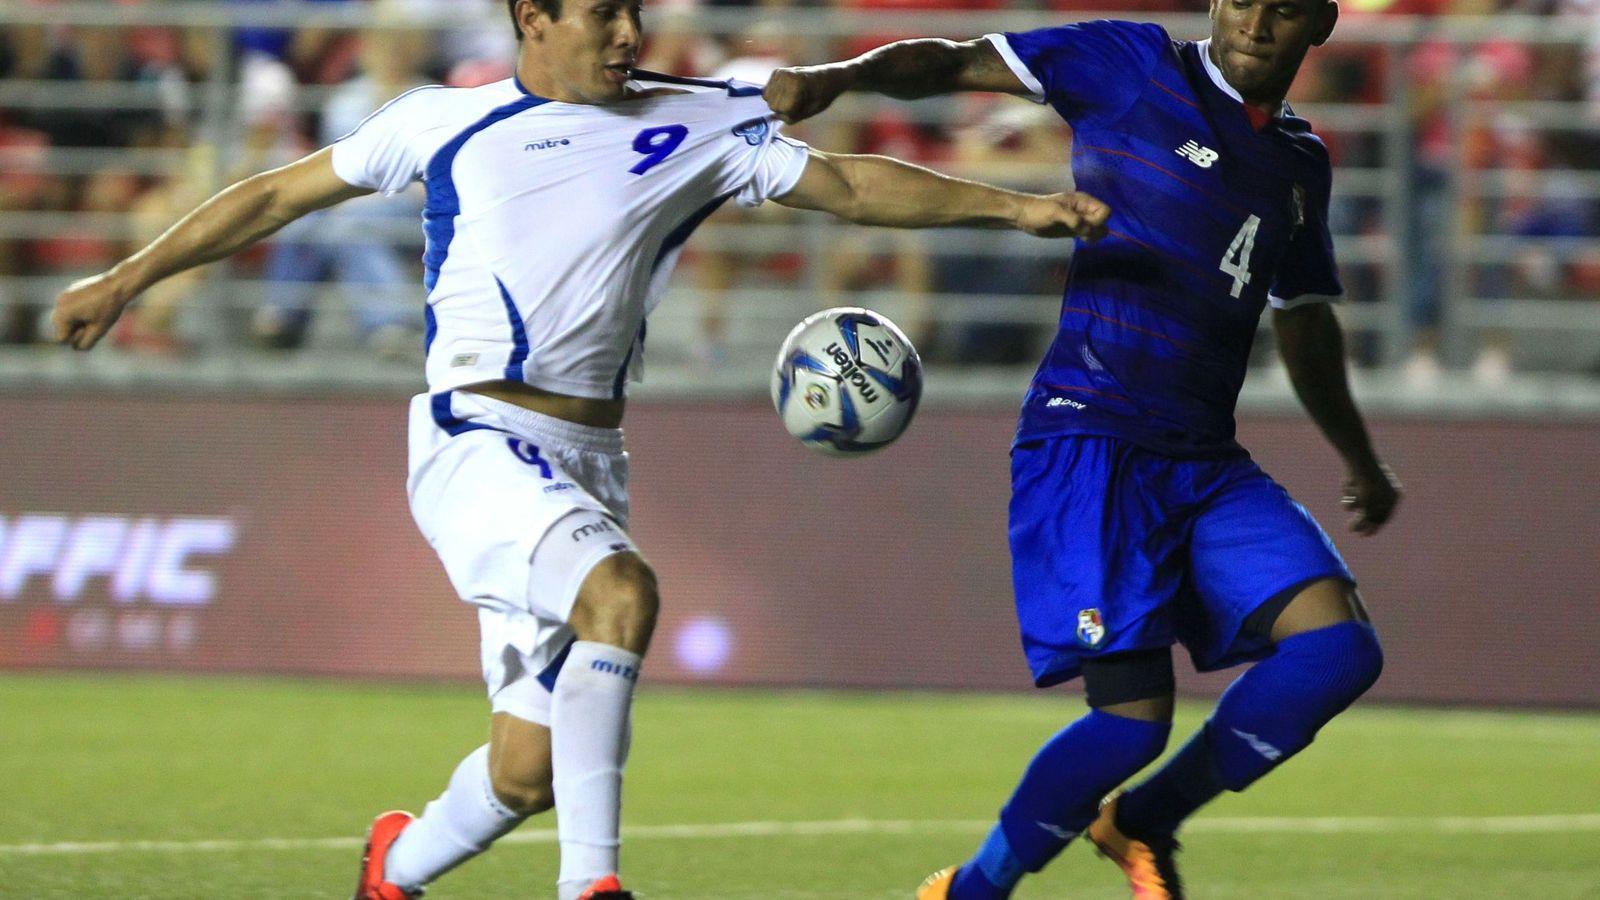 Foto: Ingel Patrick, a la derecha, de la Selección de panamá. A la izquierda, el jugador de El Salvador David Rugamas (EFE)